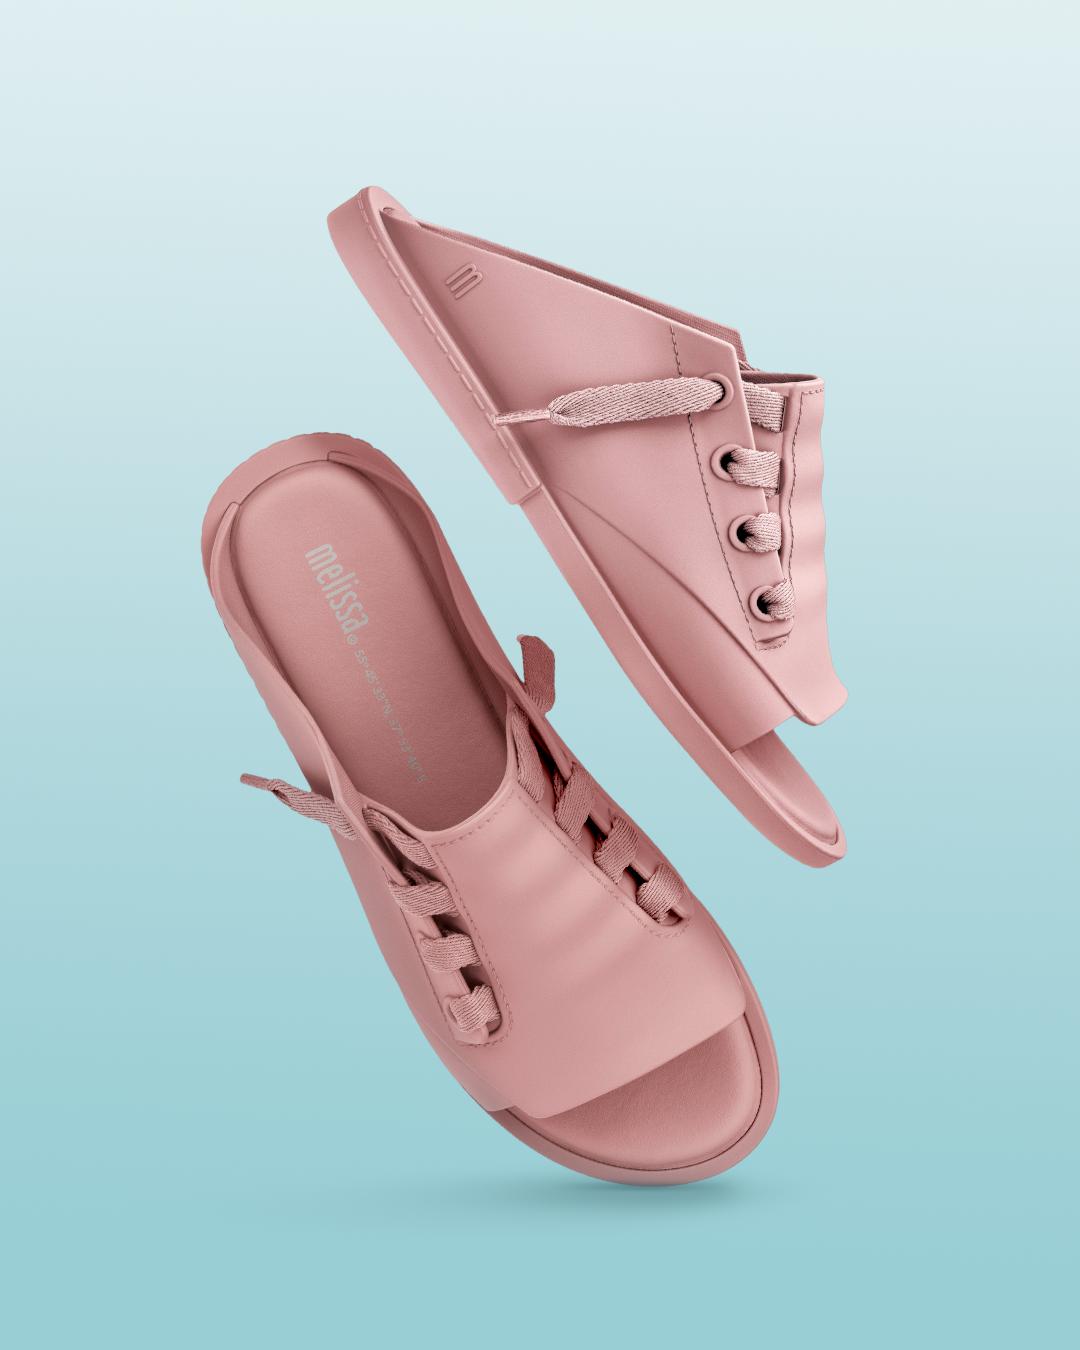 梅雨に大活躍間違いなしの靴ブランド『メリッサ』が、ポップアップを各地で開催☆_1_5